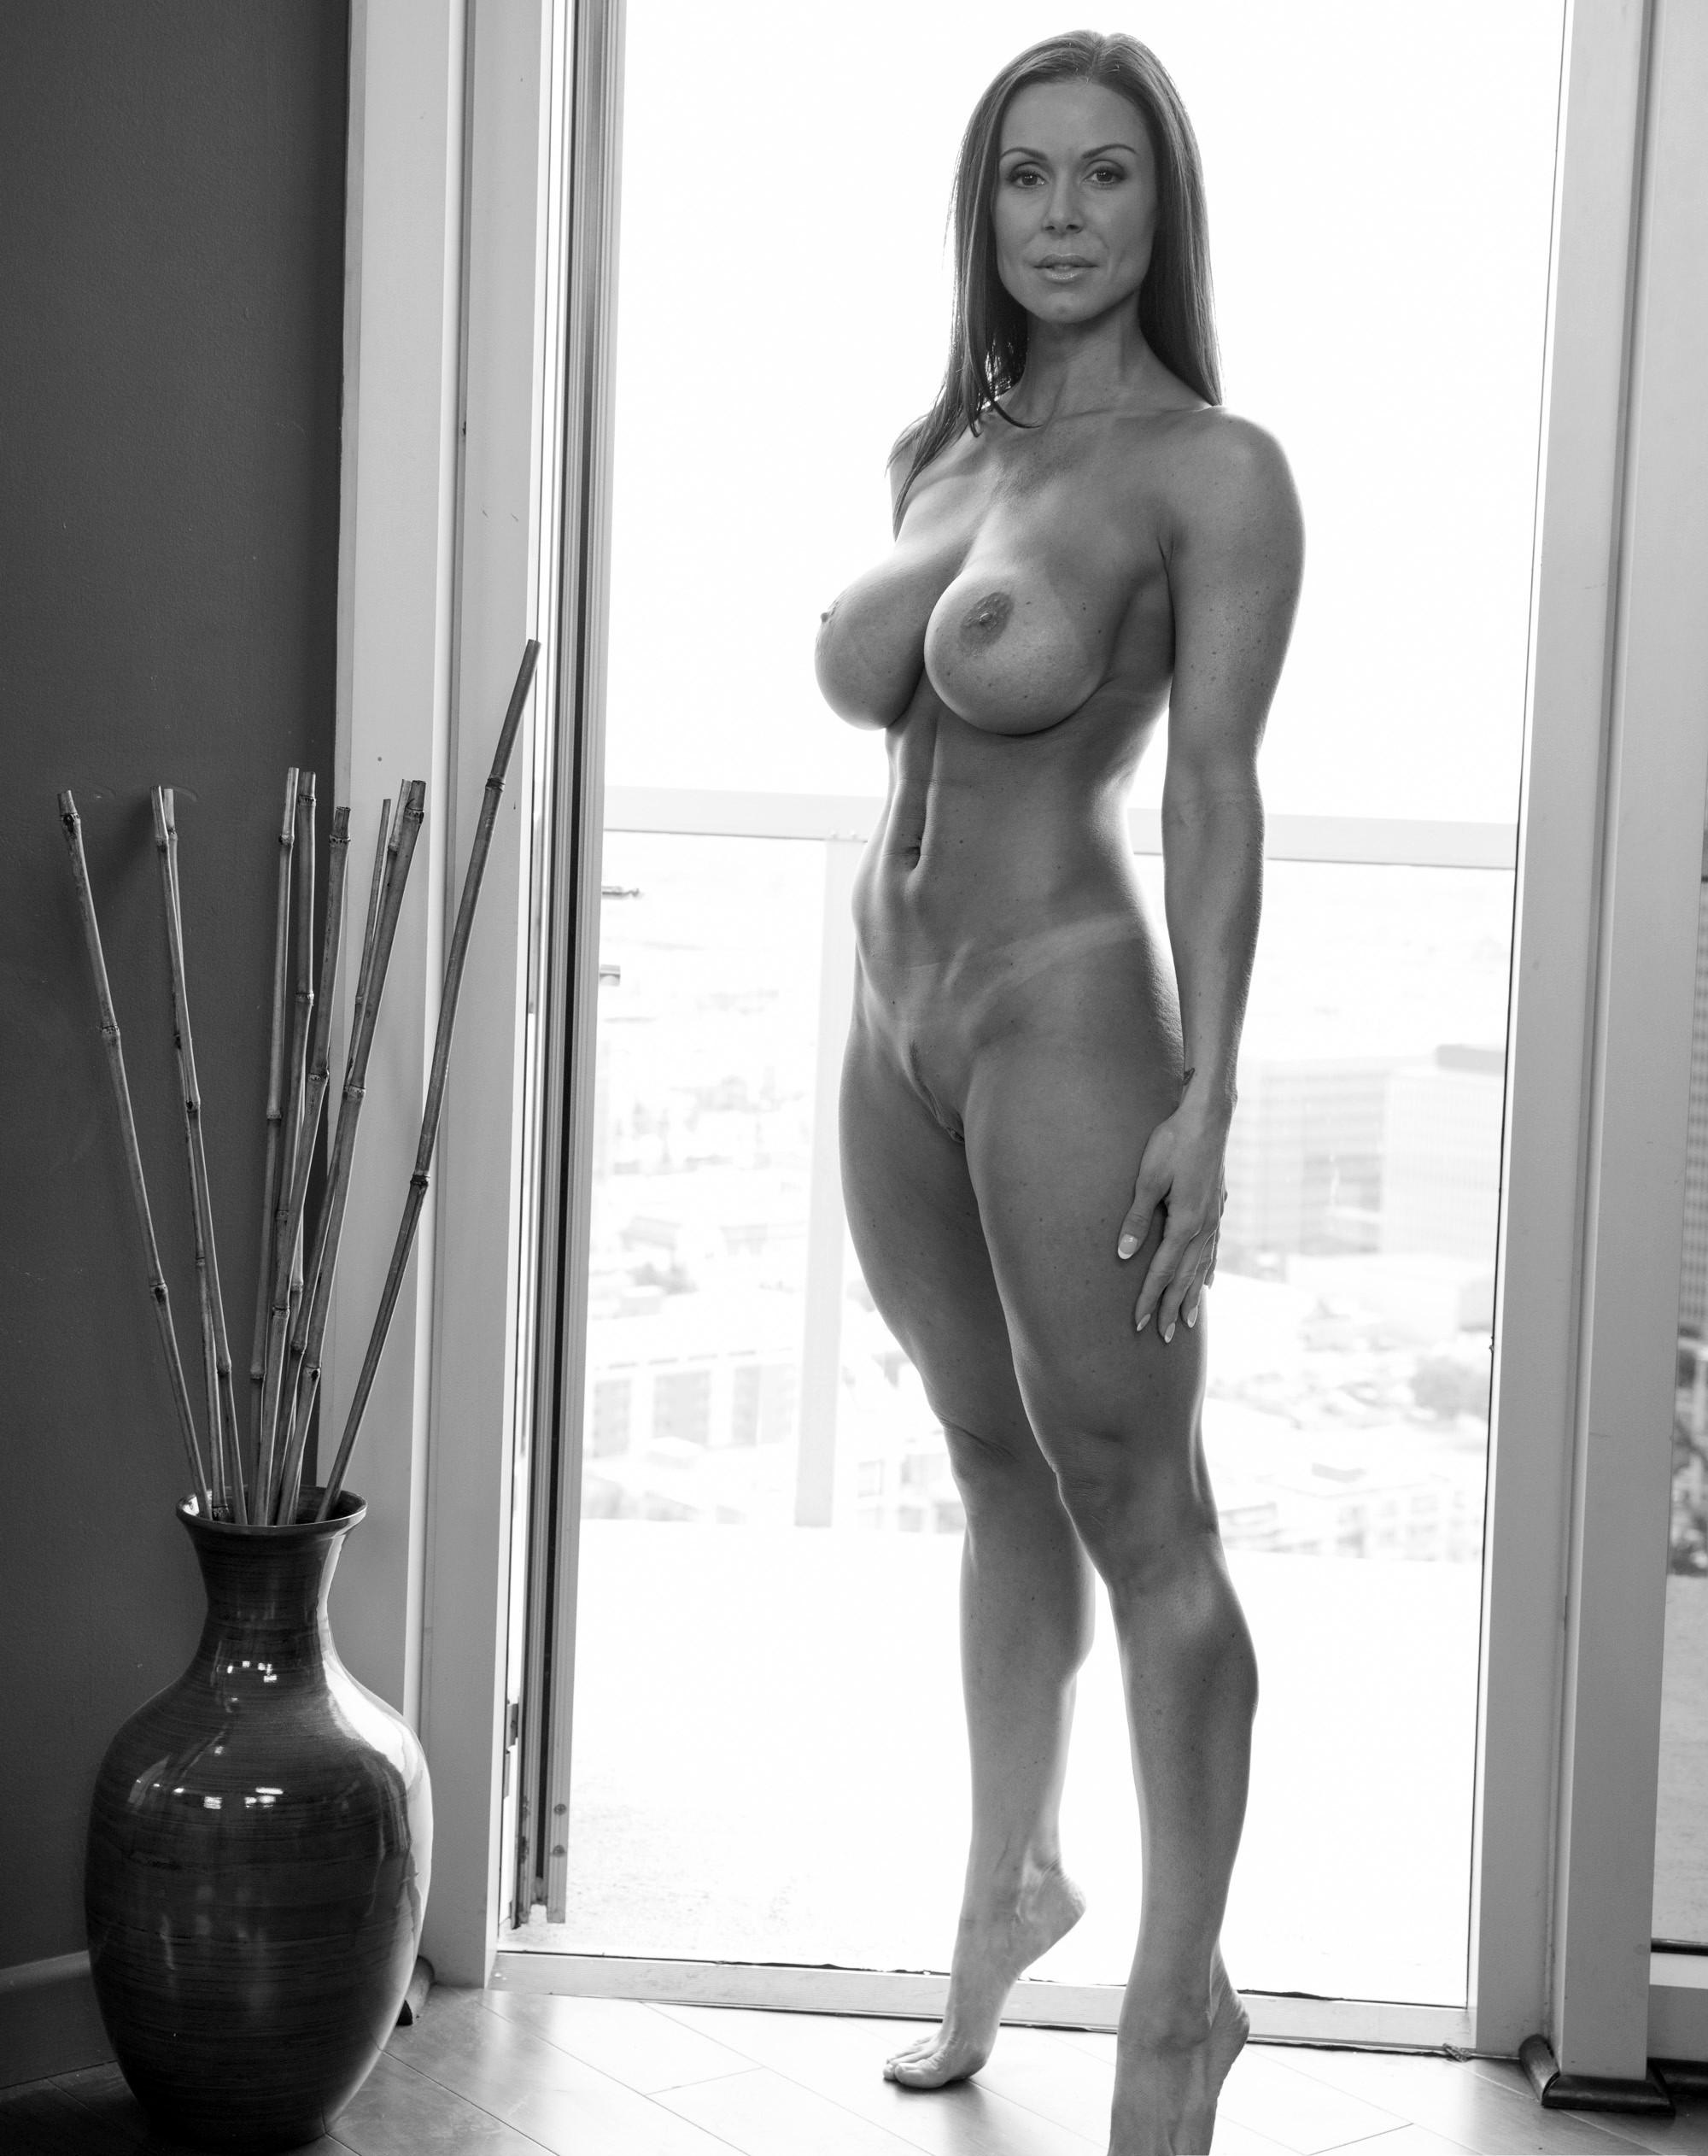 Взрослые телки голышом в домашних условиях 7 фото